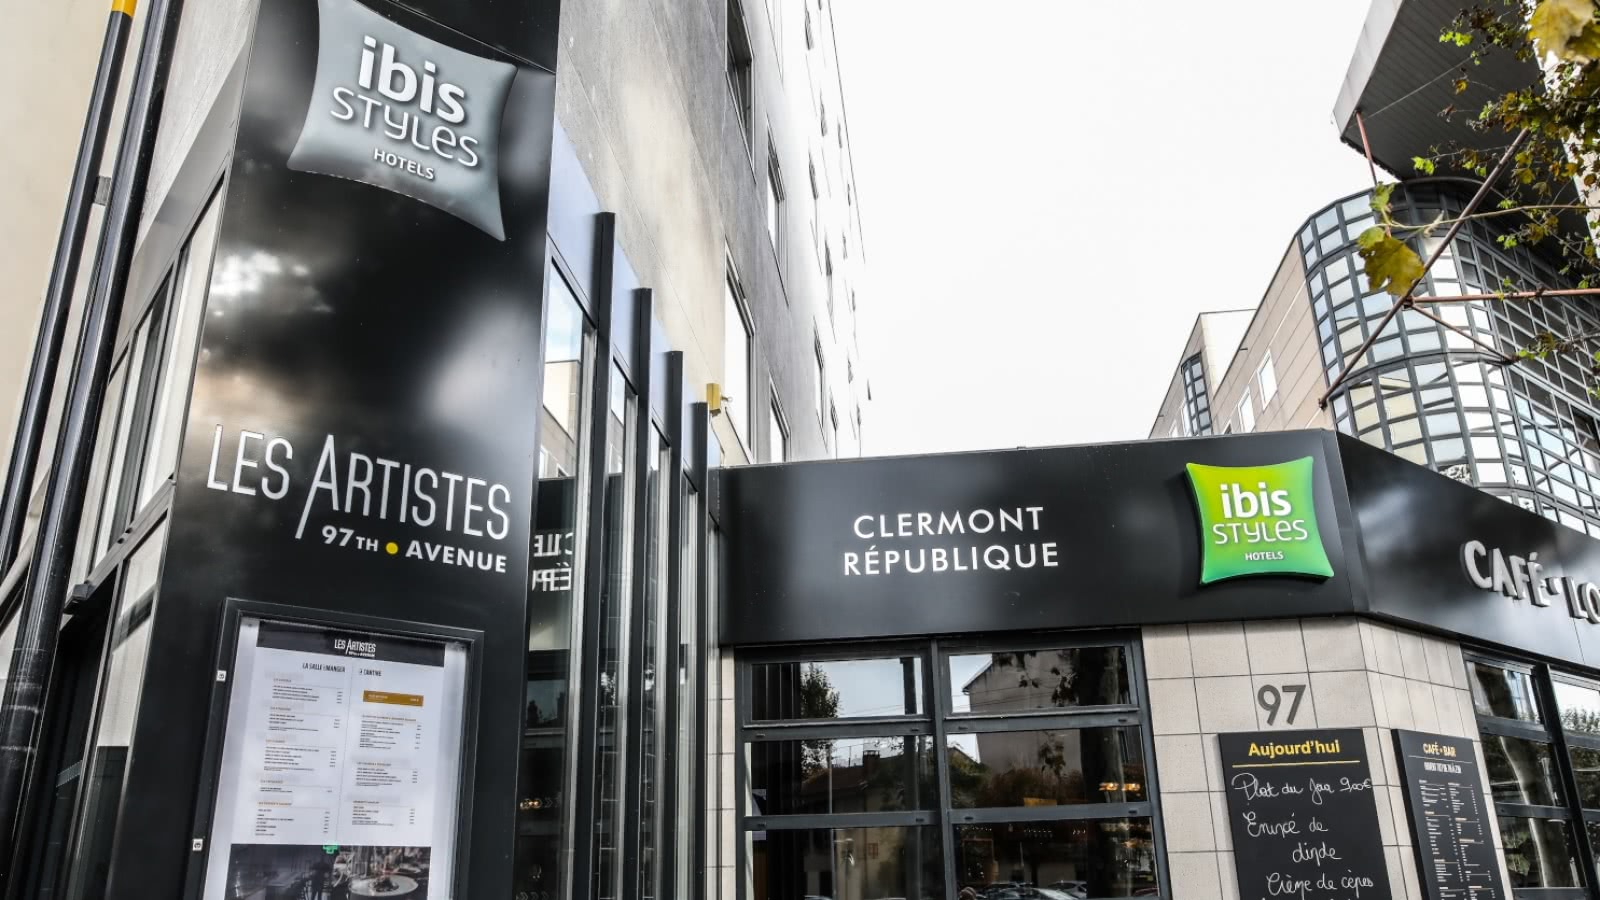 Ibis Styles Clermont-Fd République